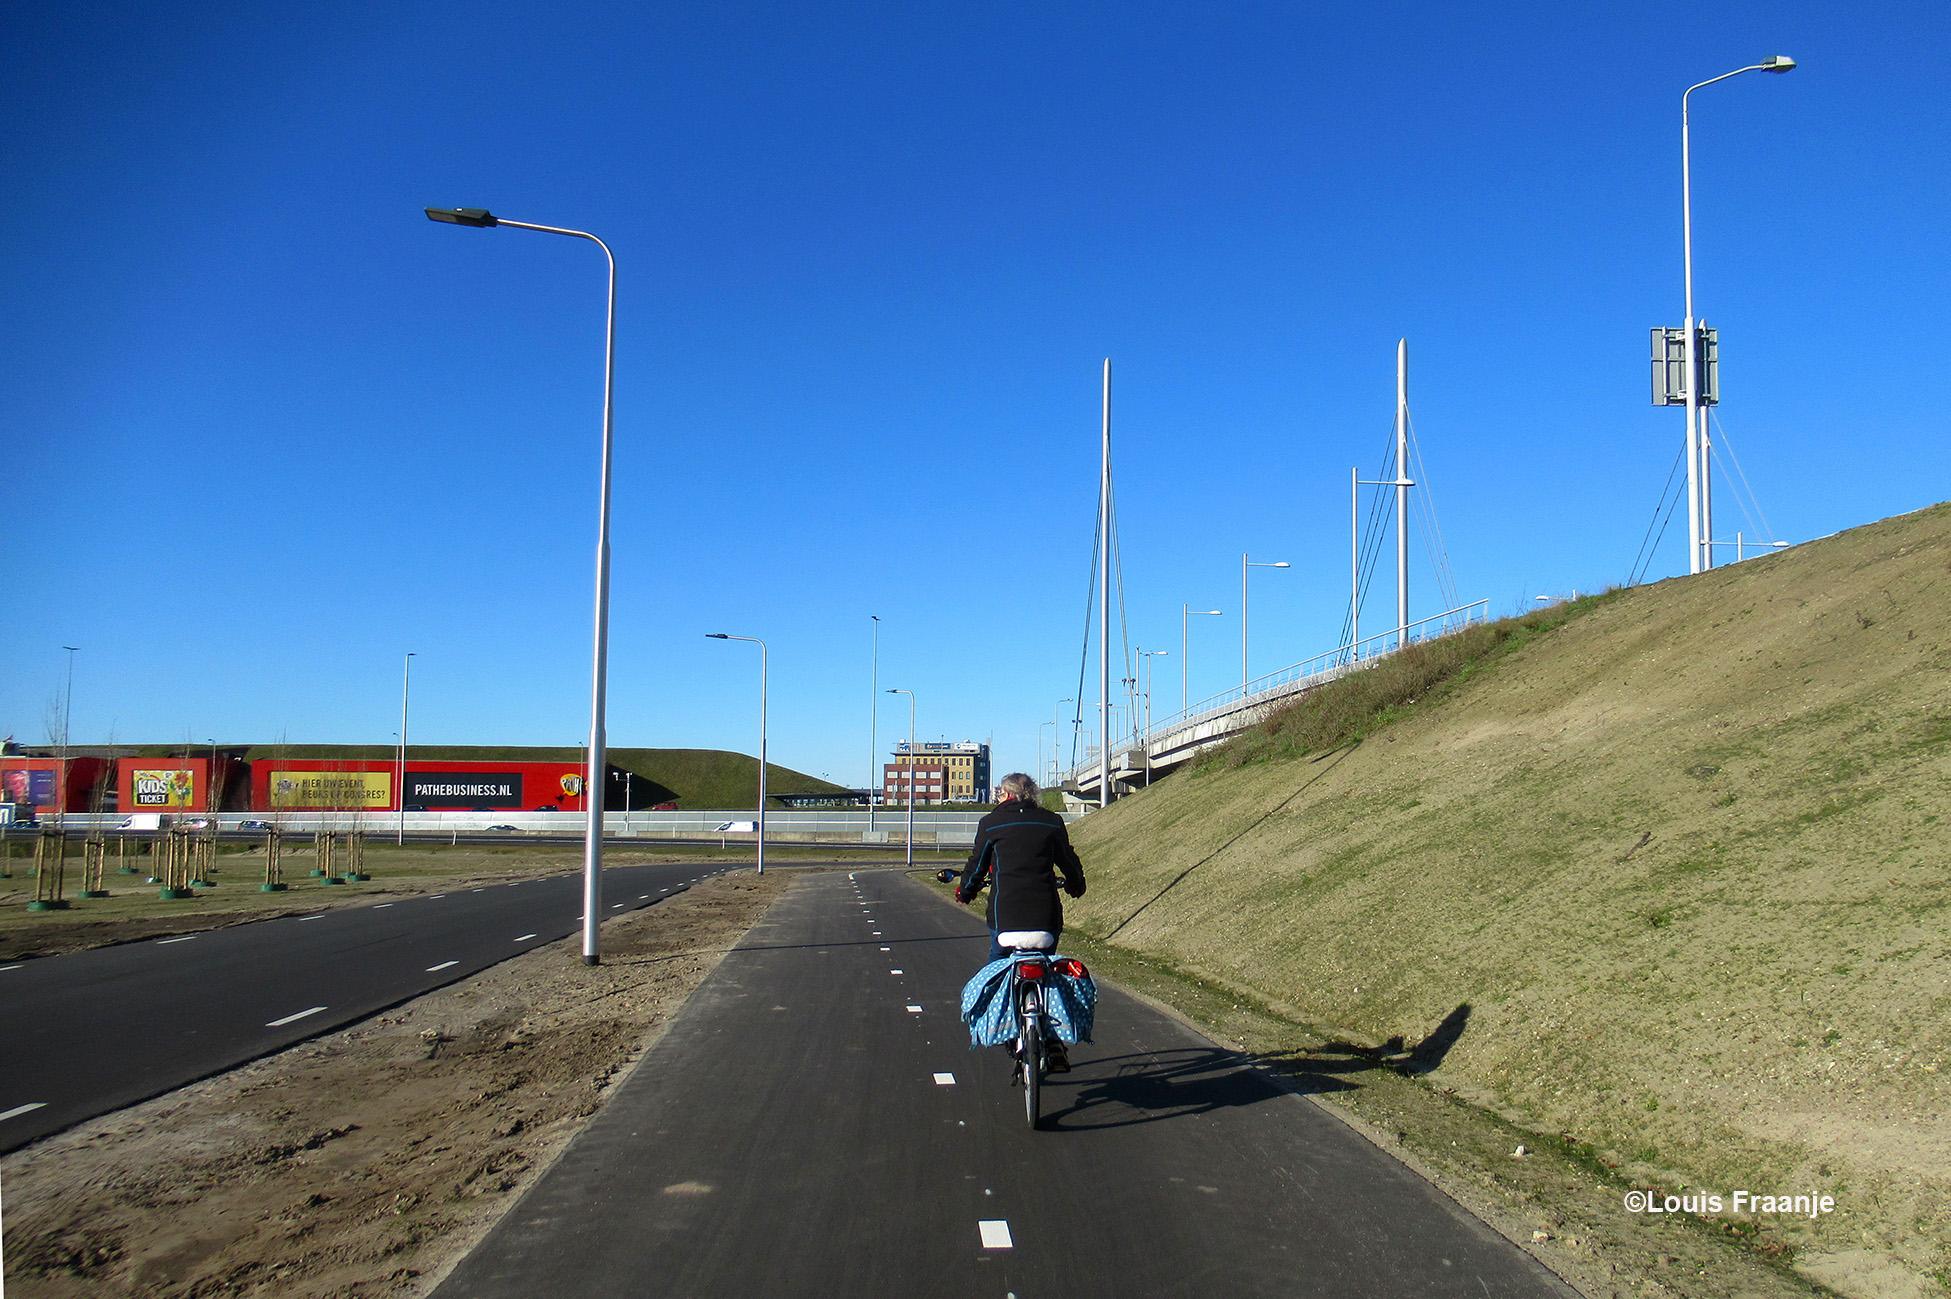 En dan komen we vanuit De Kraats over de Maanderdijk fietsen en zijn we alweer bijna thuis in Ede, links aan de overkant van de snelweg zien we de Cinemec-Pathé en rechts De Poortwachter. Het moet allemaal nog een beetje begroeid raken, maar het is mooi aangelegd! Pluim voor Ede! - Foto: ©Louis Fraanje